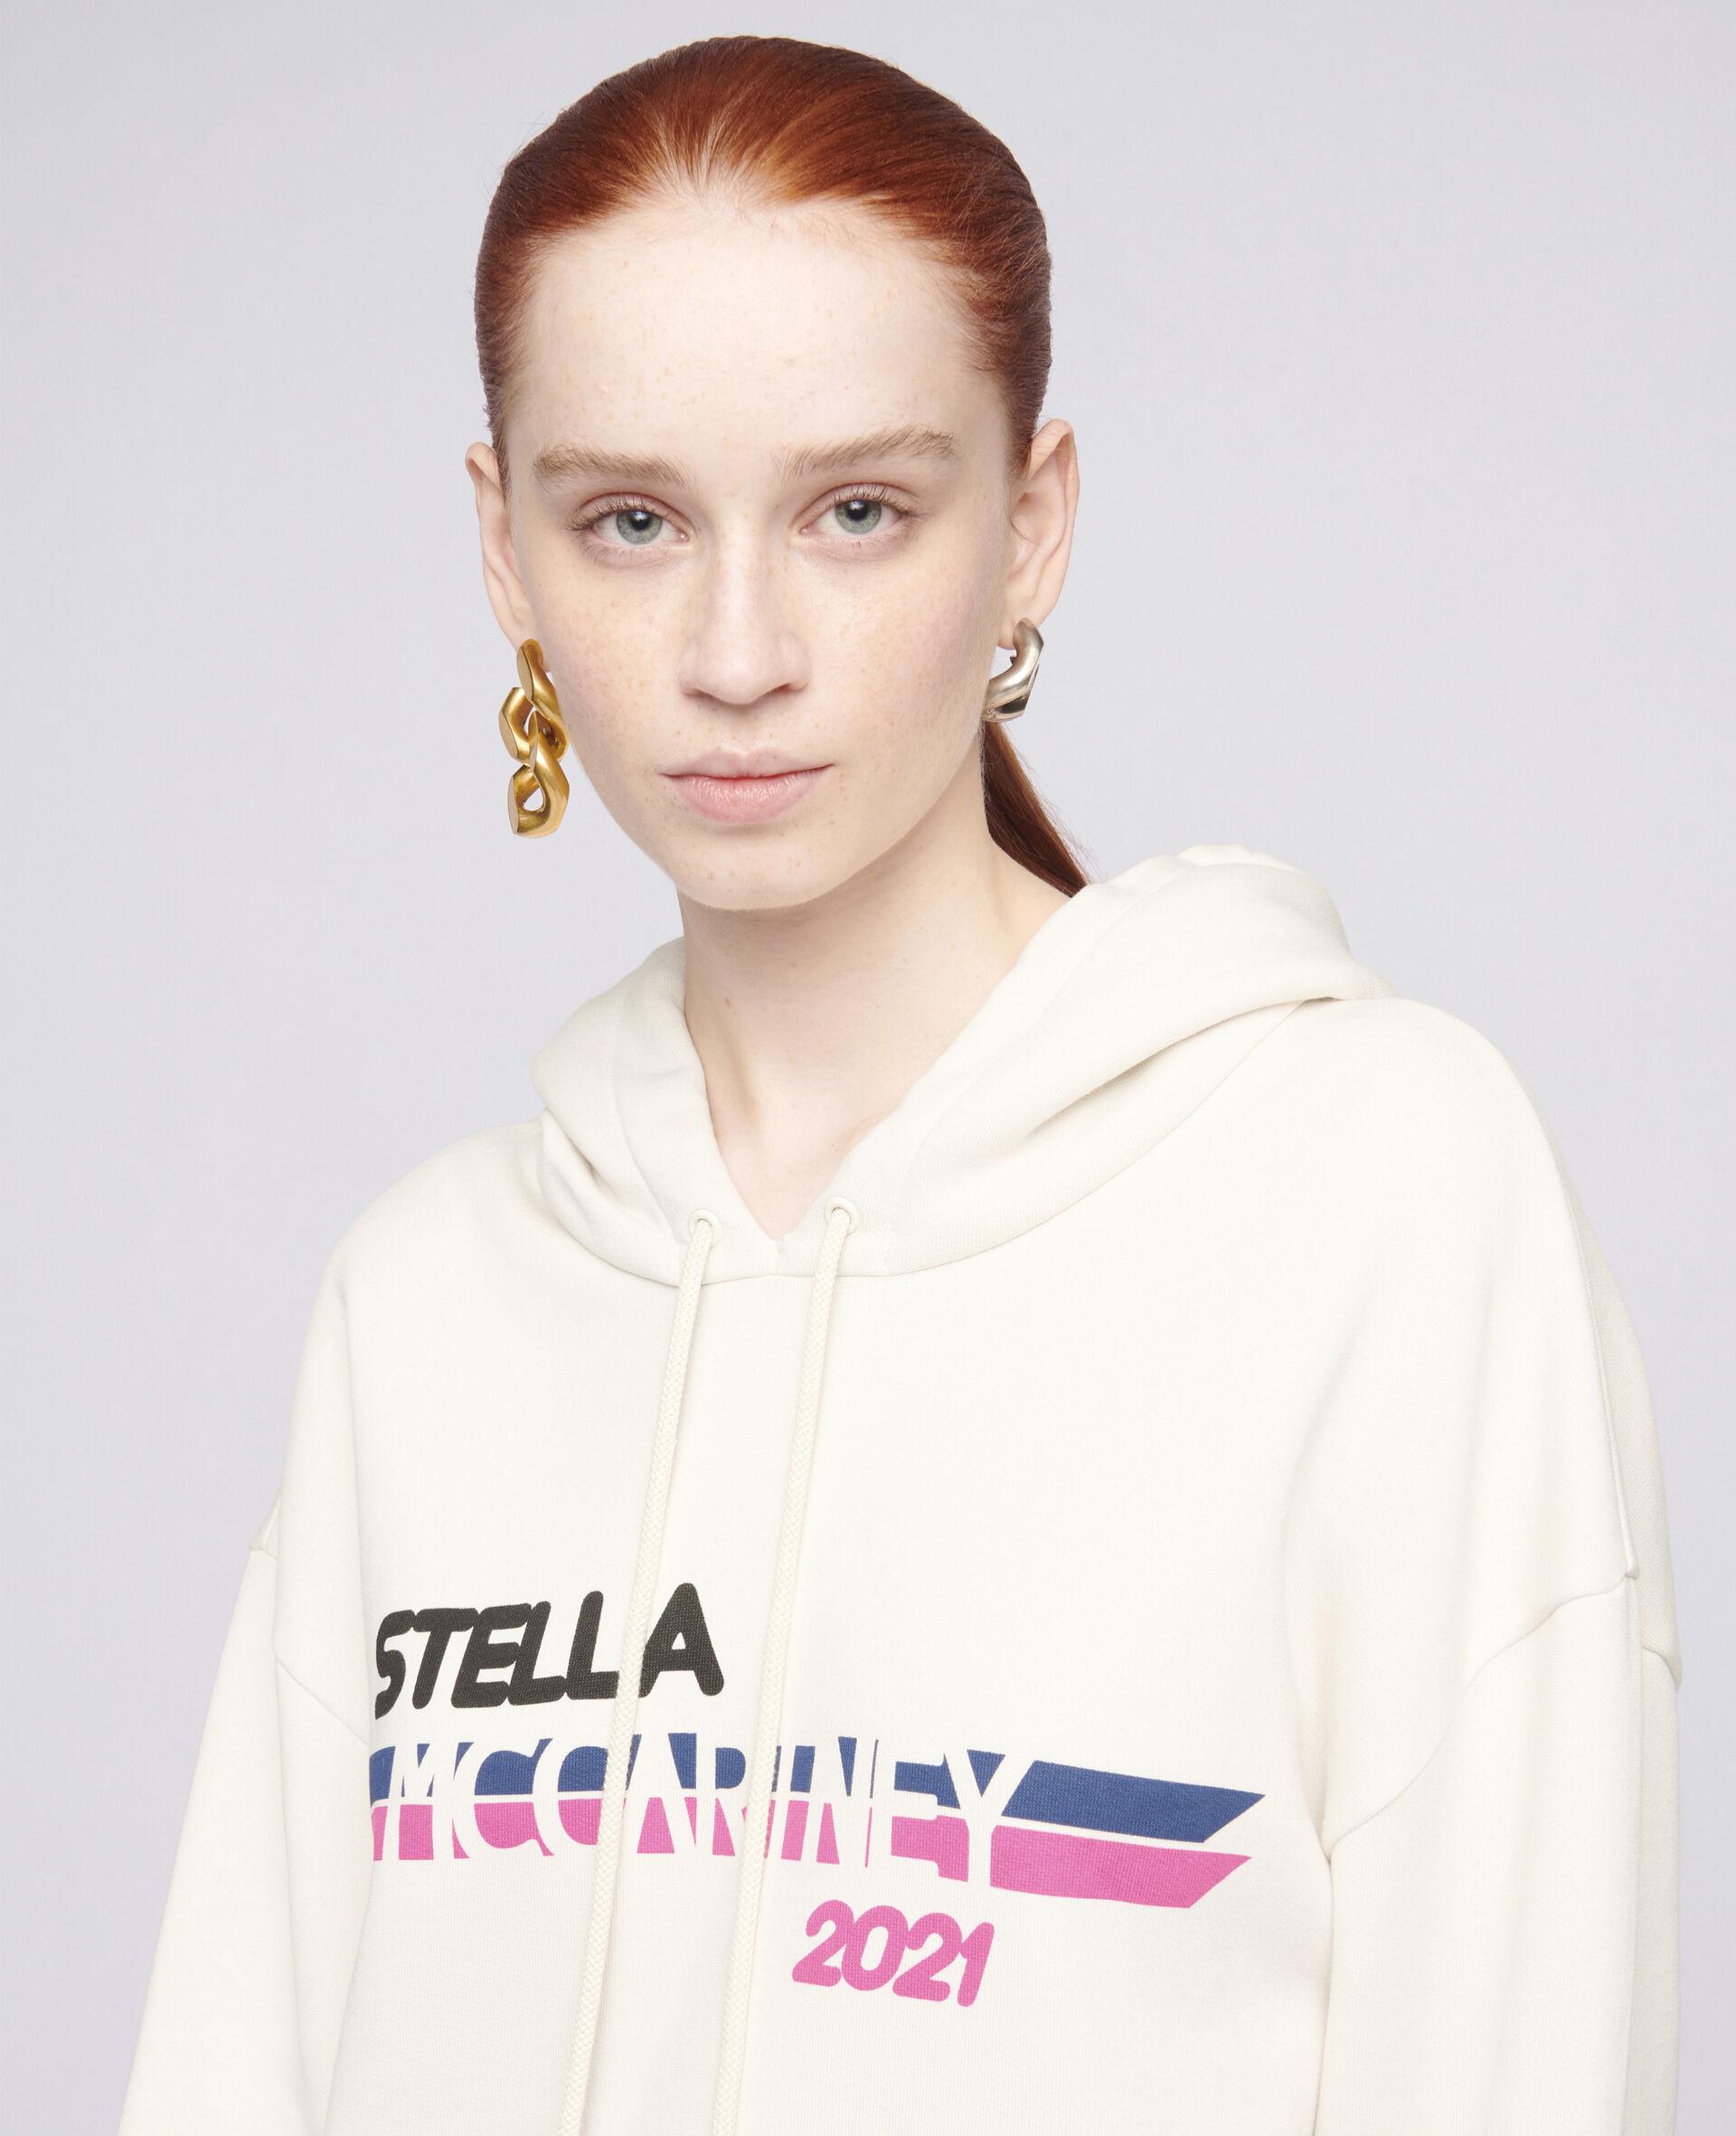 Stella McCartney 2021 Logo Hoodie-White-large image number 3